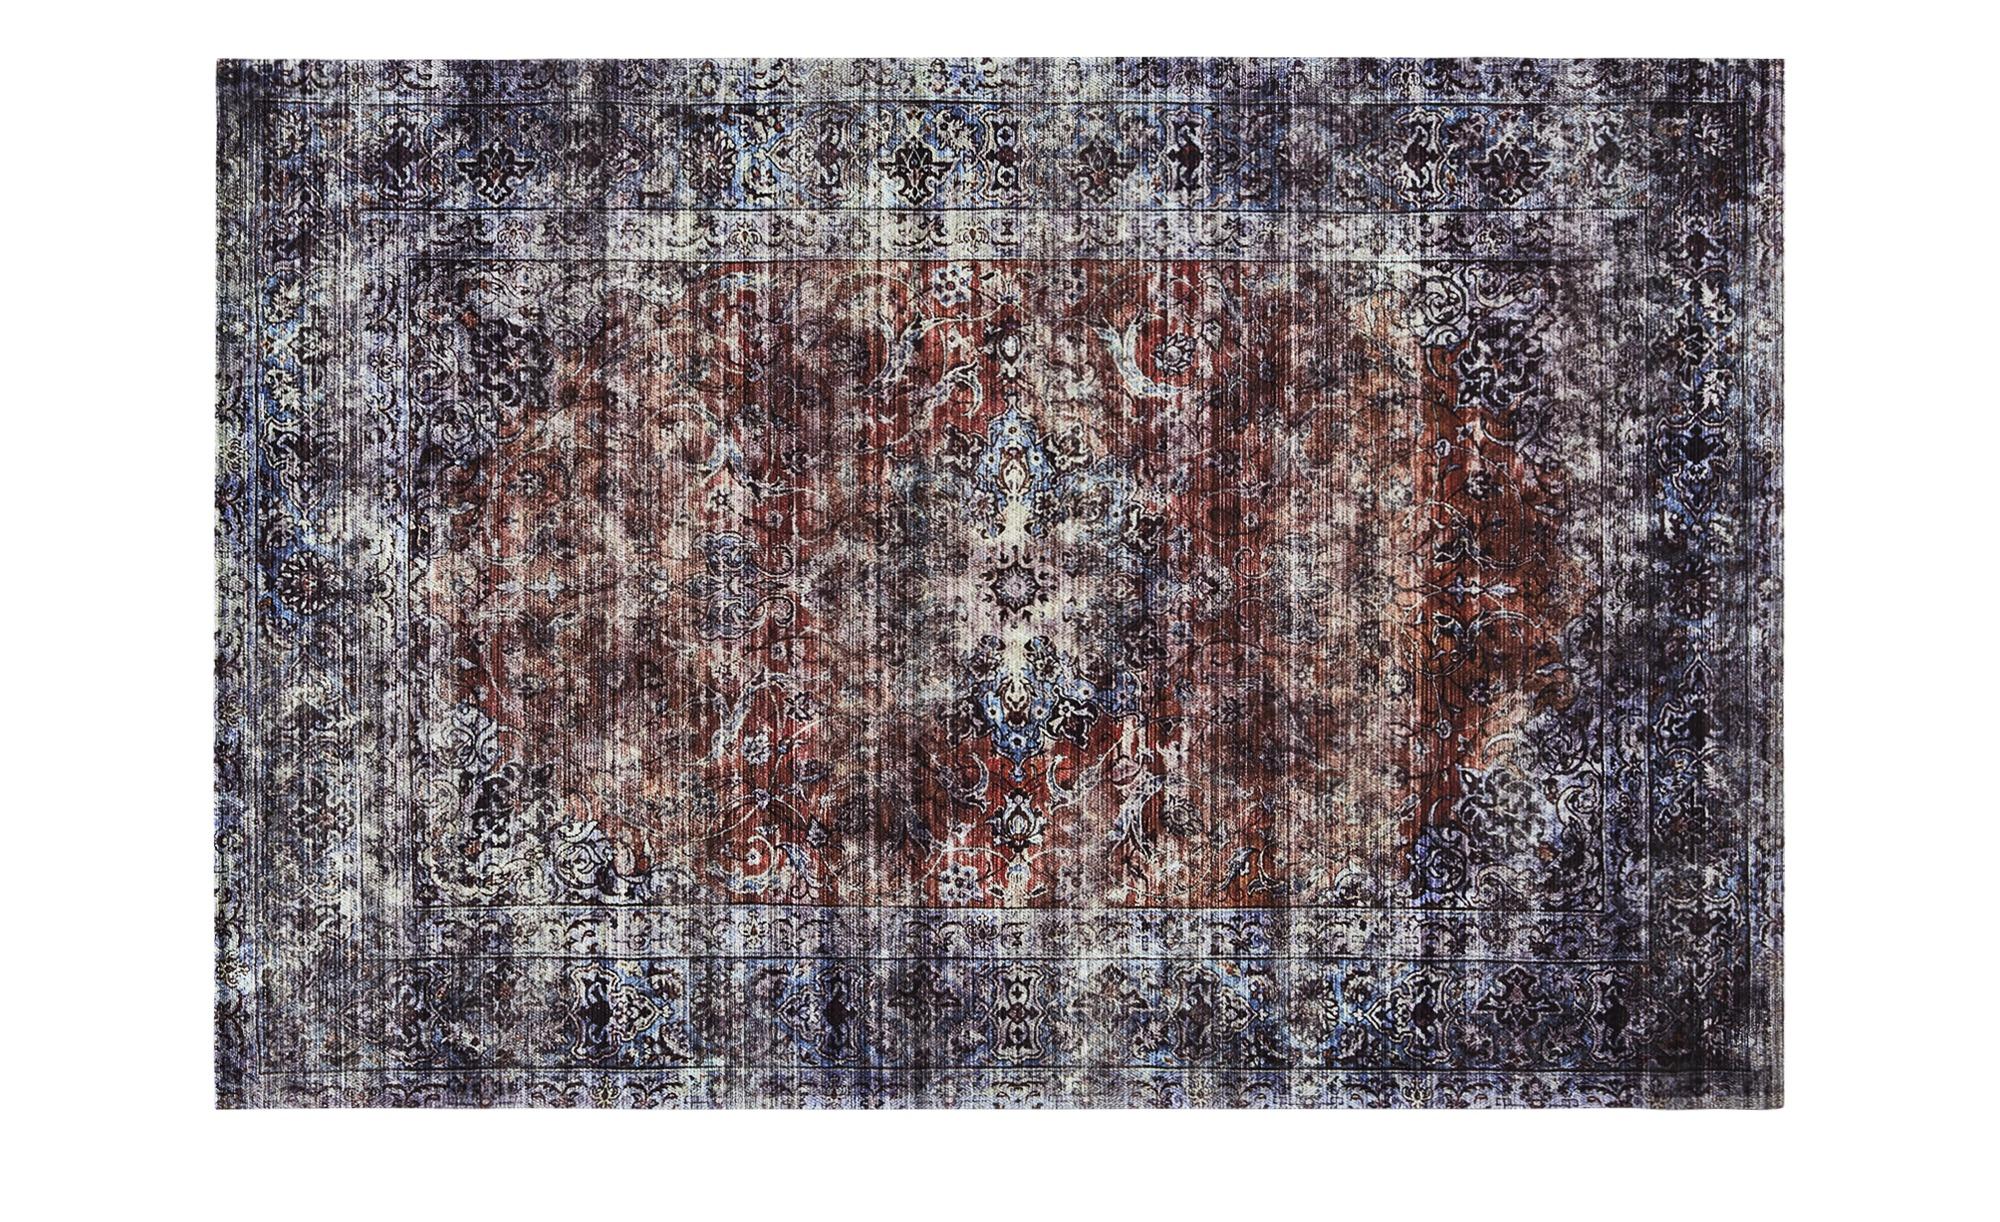 Webteppich  Classic Line 1200 ¦ mehrfarbig ¦ 34% Baumwolle, 33% Polyester, 33% Chenille Acryl ¦ Maße (cm): B: 80 Teppiche > Wohnteppiche - Höffner